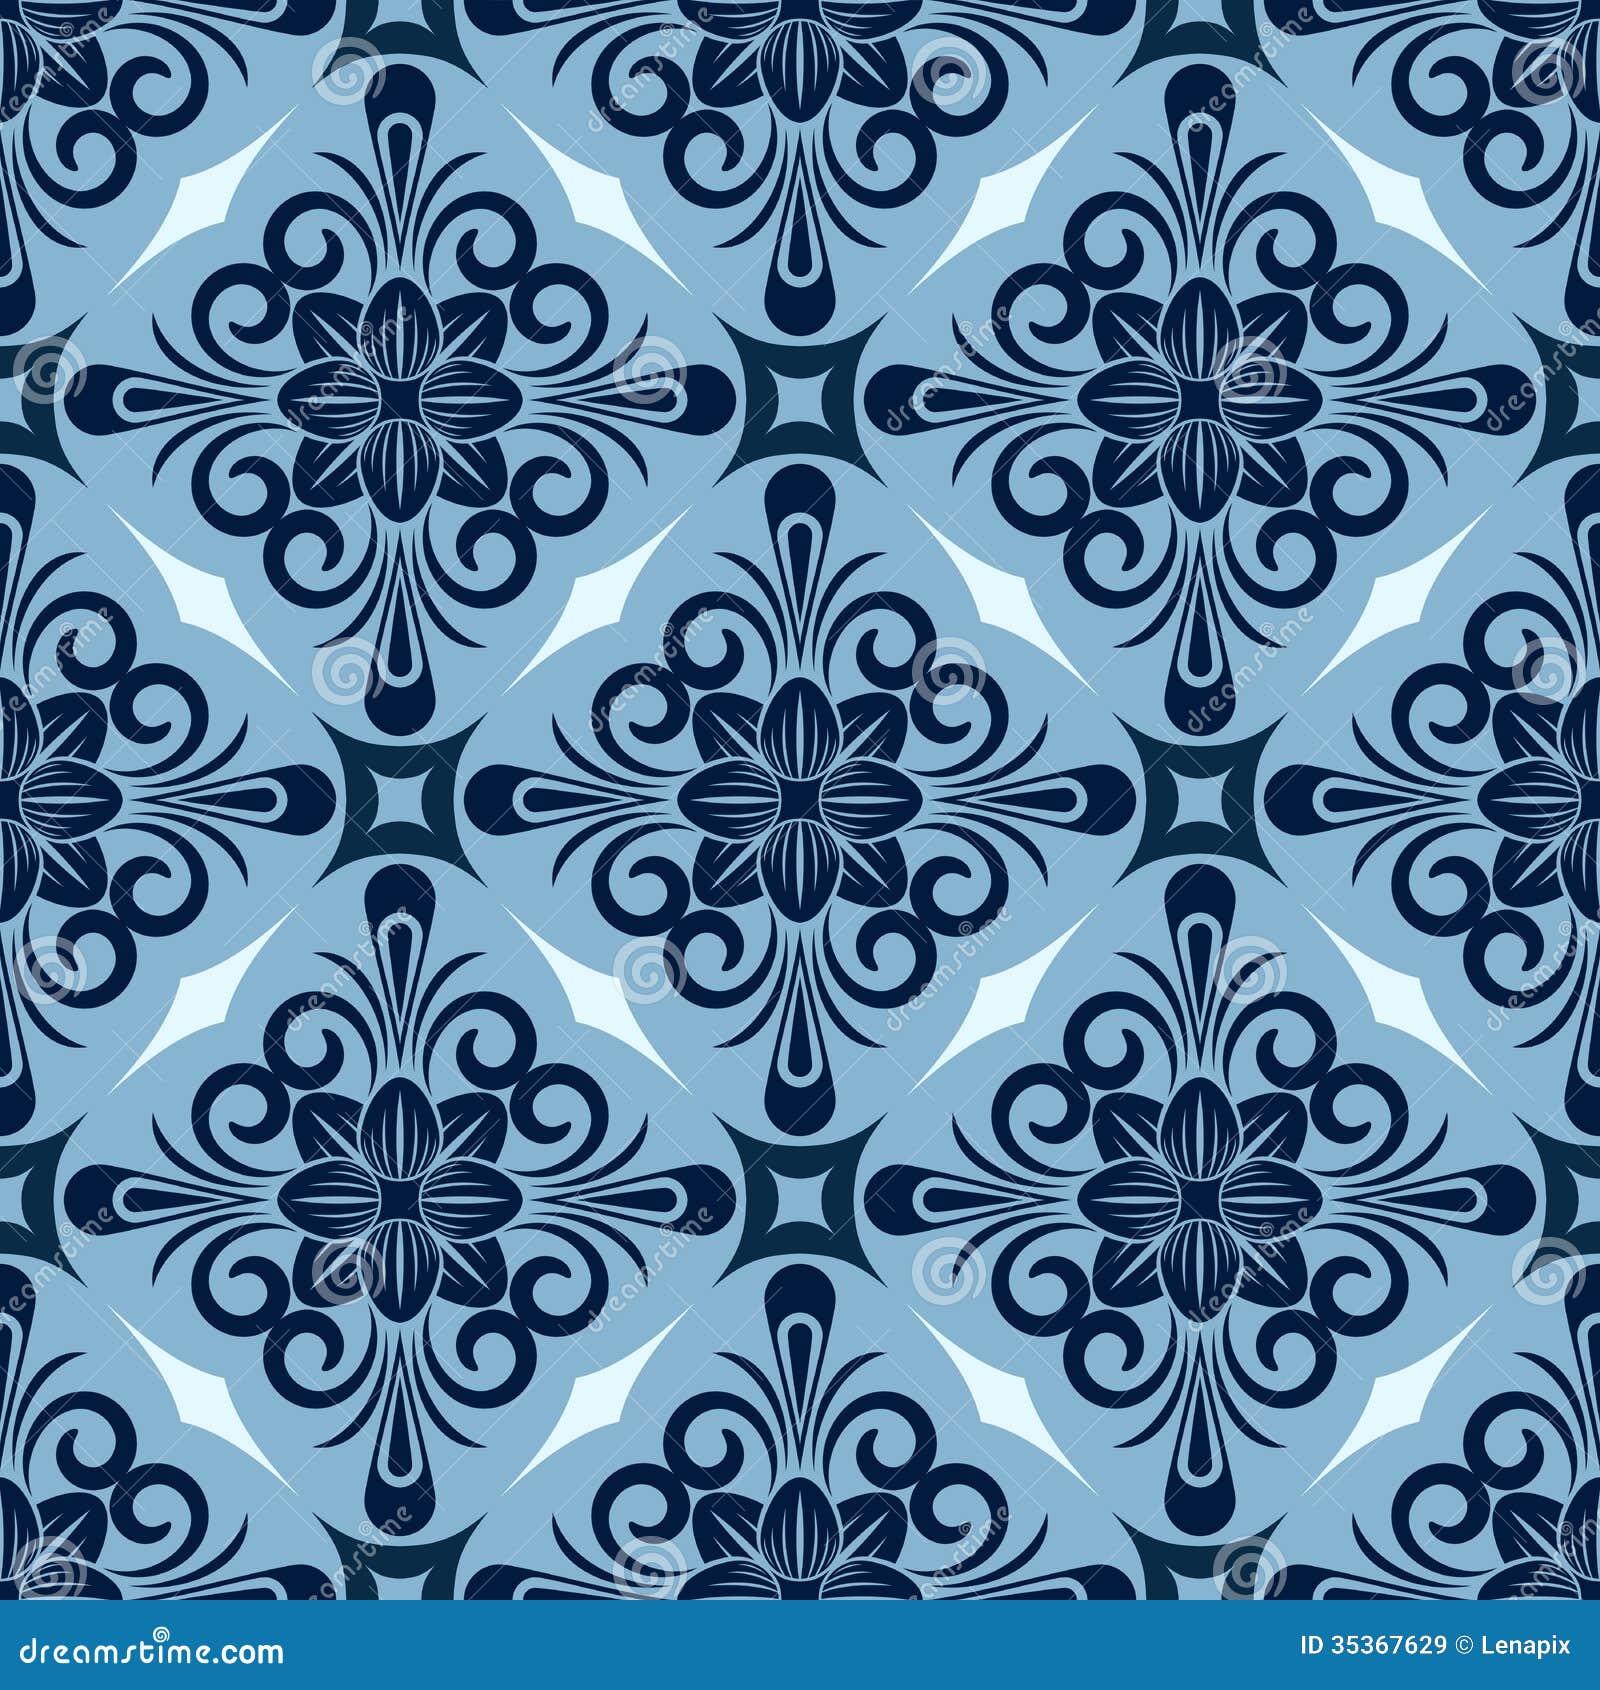 pattern royalty background patterns - photo #1